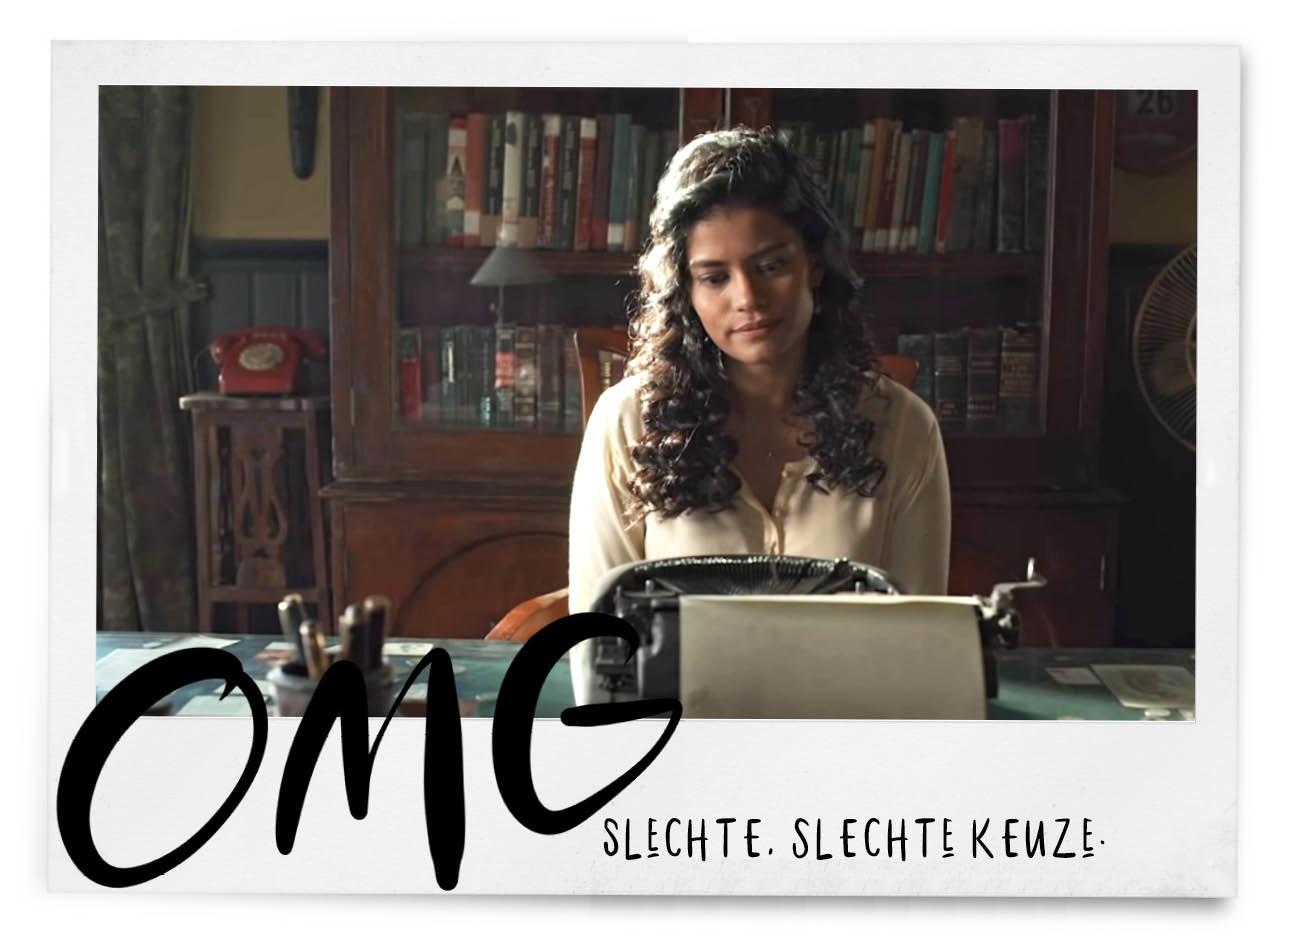 typewriter op netflix horrorfilm, vrouw achter een typemachine in india